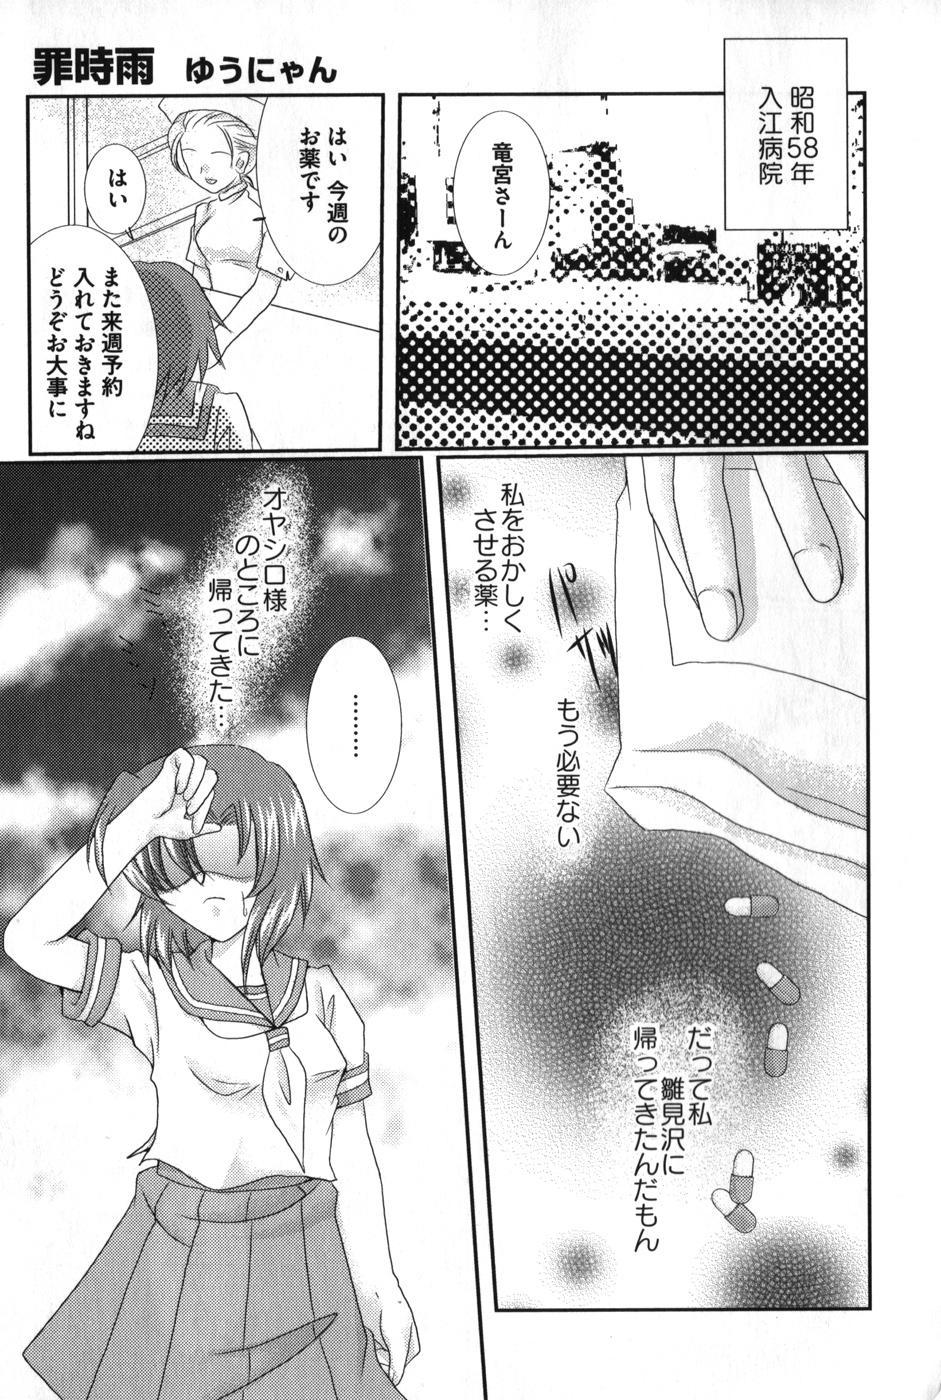 HiguERO no naku koro ni 73